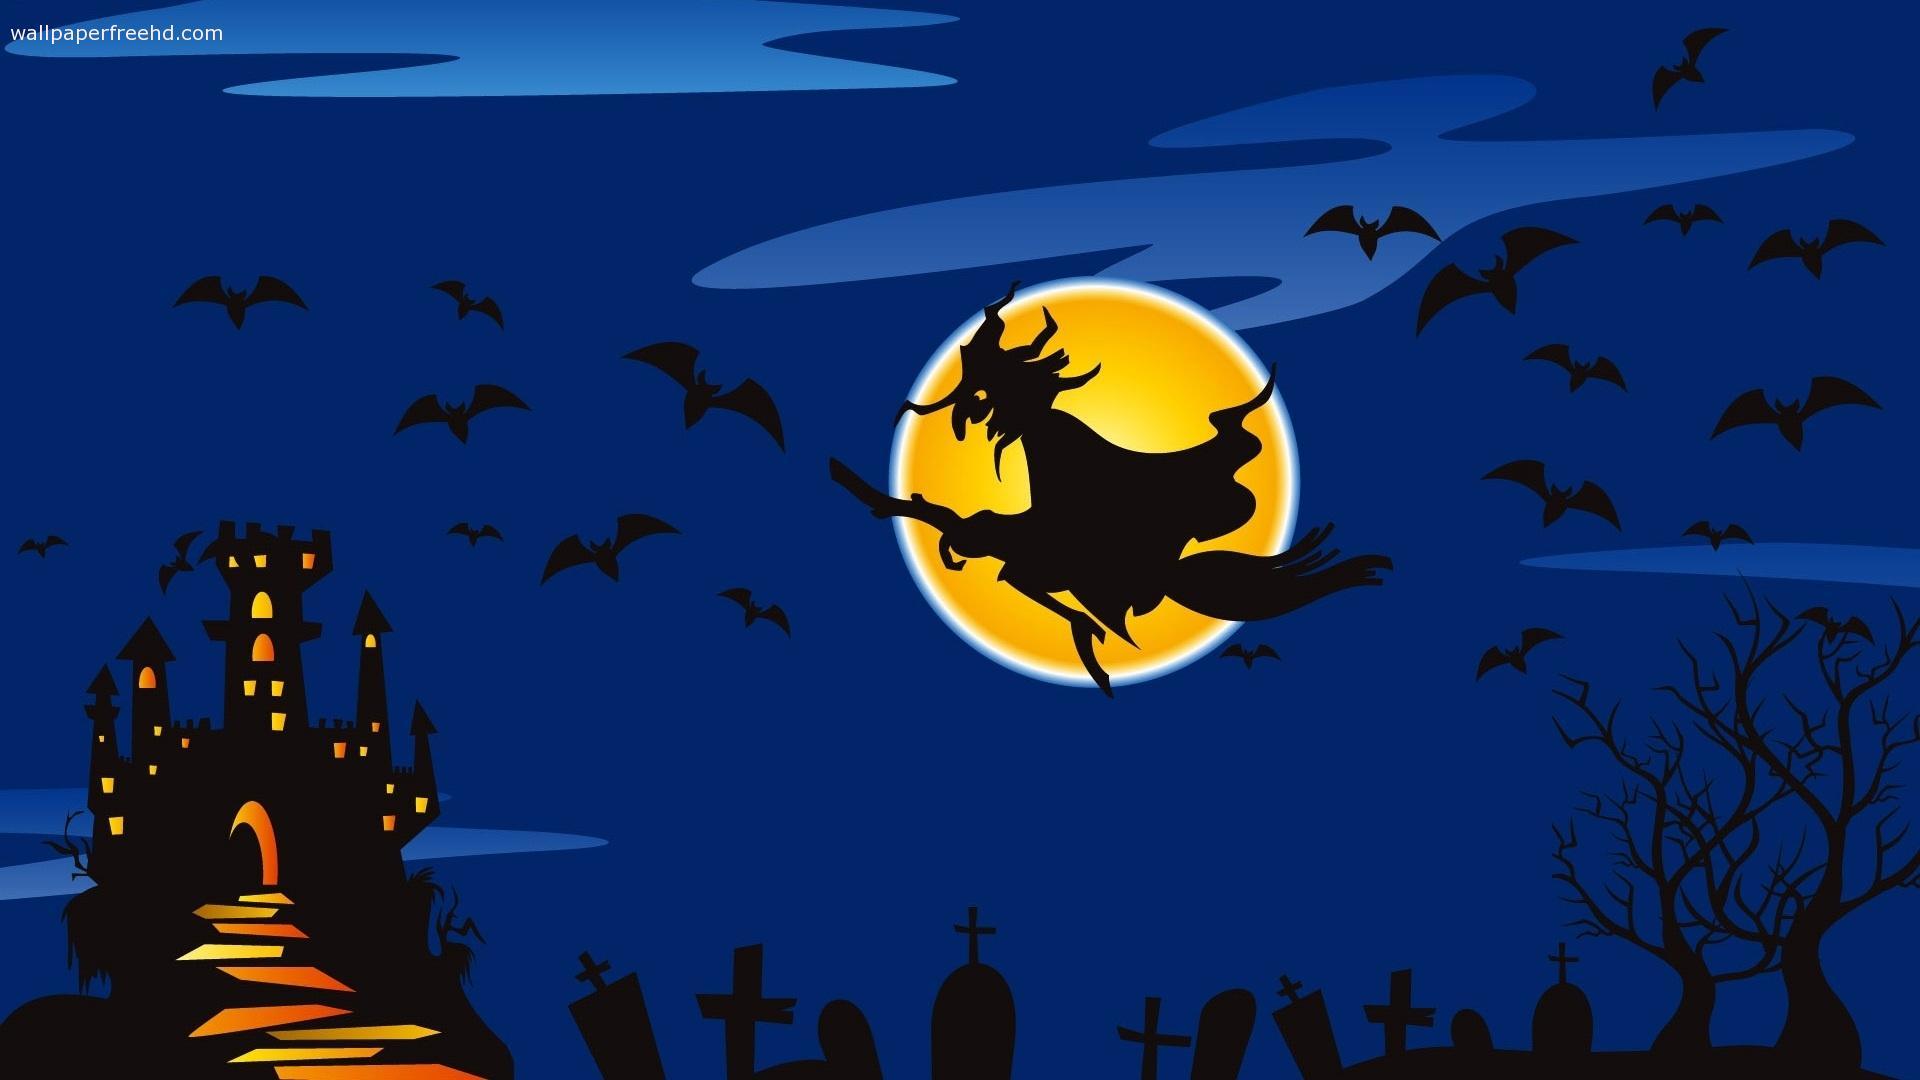 Halloween Witch Desktop Wallpapers Top Free Halloween Witch Desktop Backgrounds Wallpaperaccess